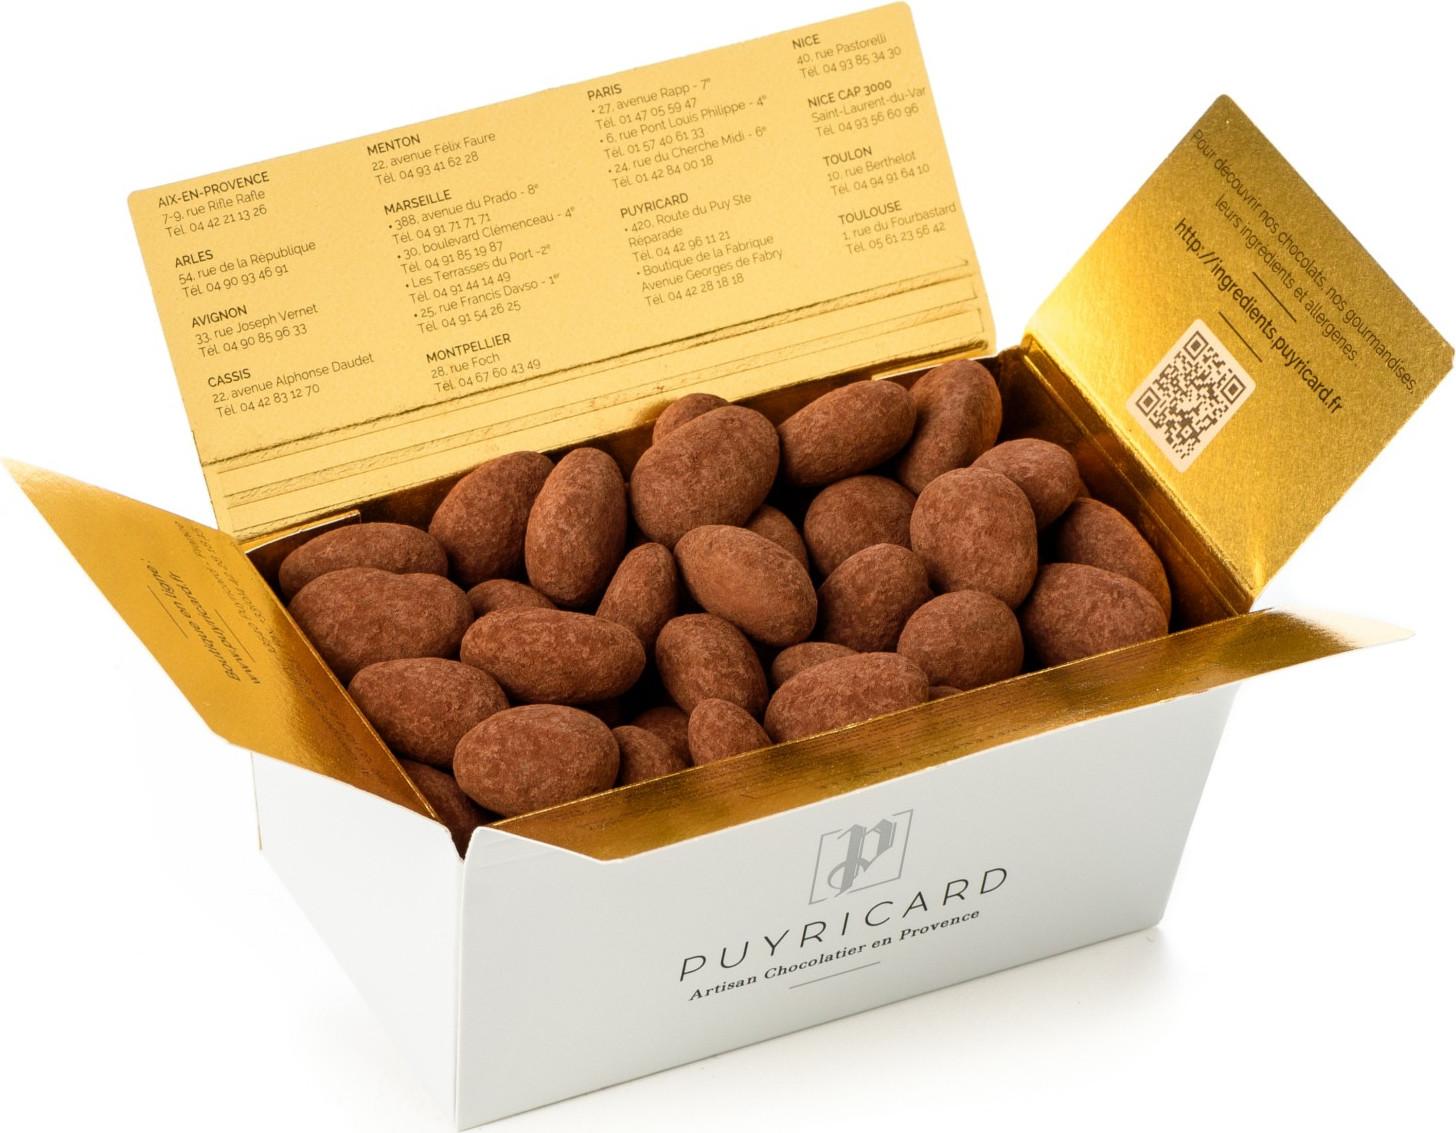 Ballotin d'Amandas Avelinas pâte de truffe cacao 500g